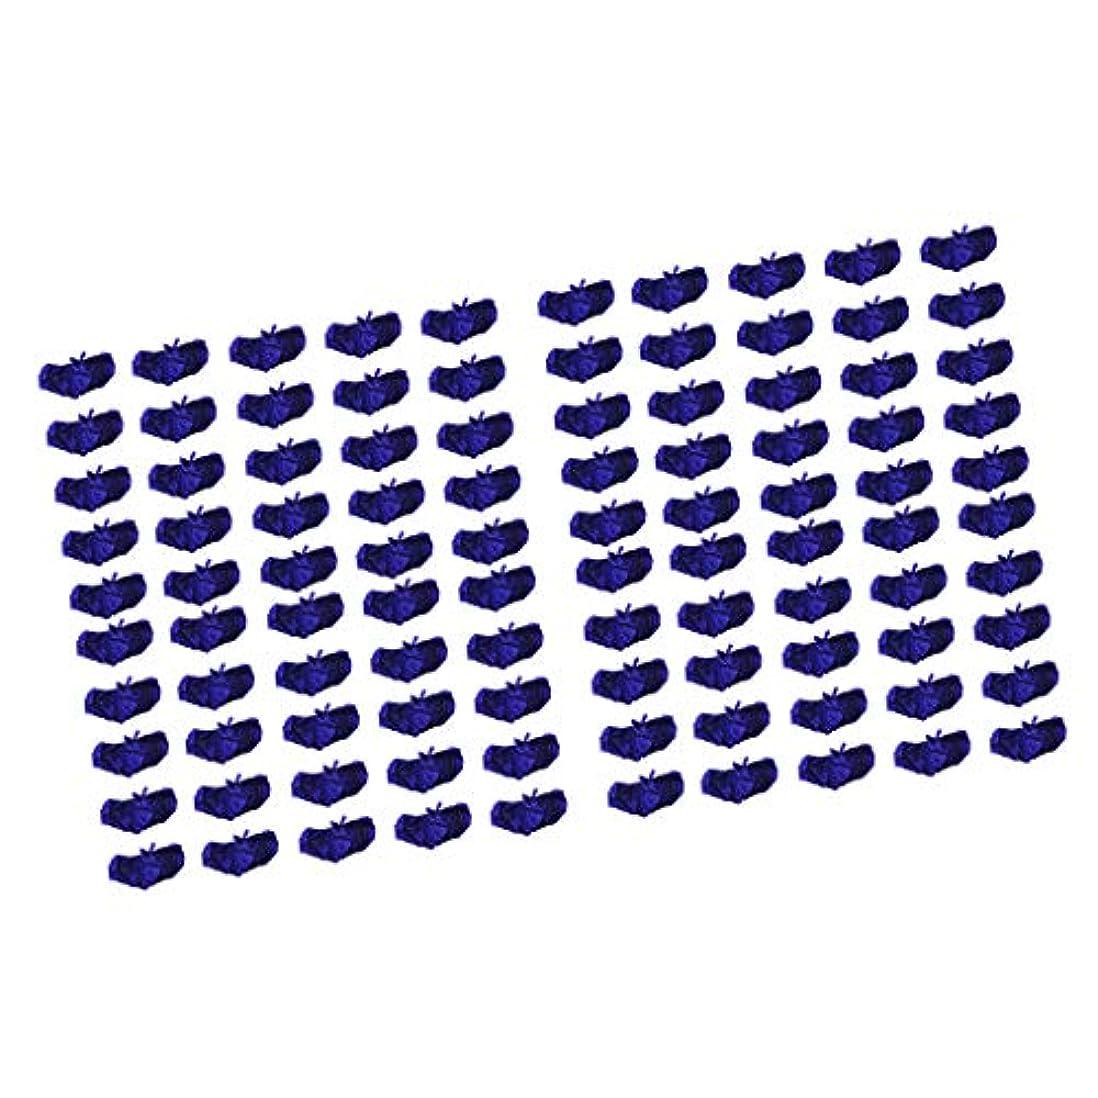 センチメートル恐れる人種P Prettyia ブラジャー ブラ 使い捨て 不織布 マッサージ スパ 美容 サウナ ダークブルー 100個セット